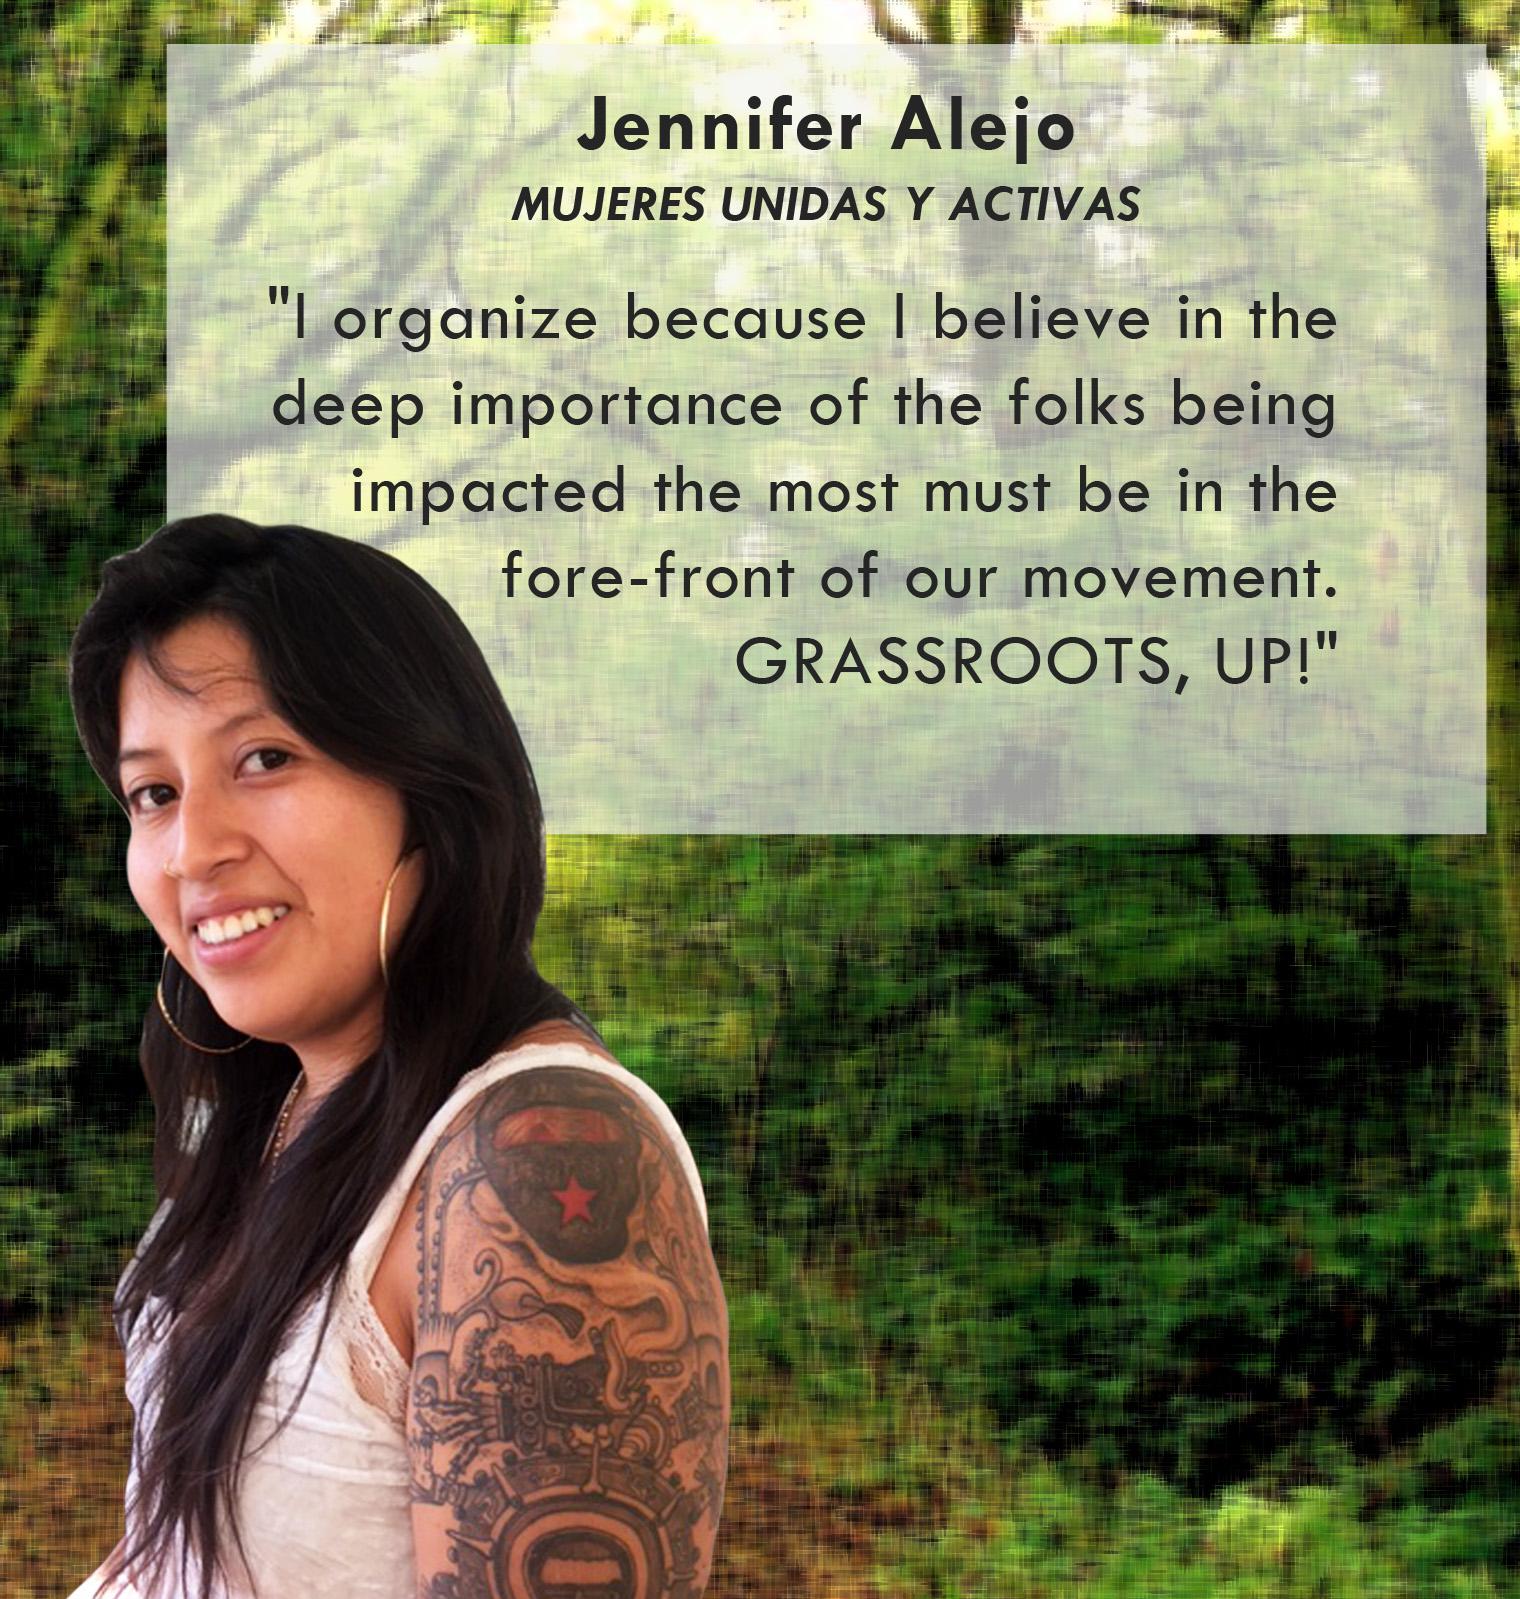 Jennifer Alejo